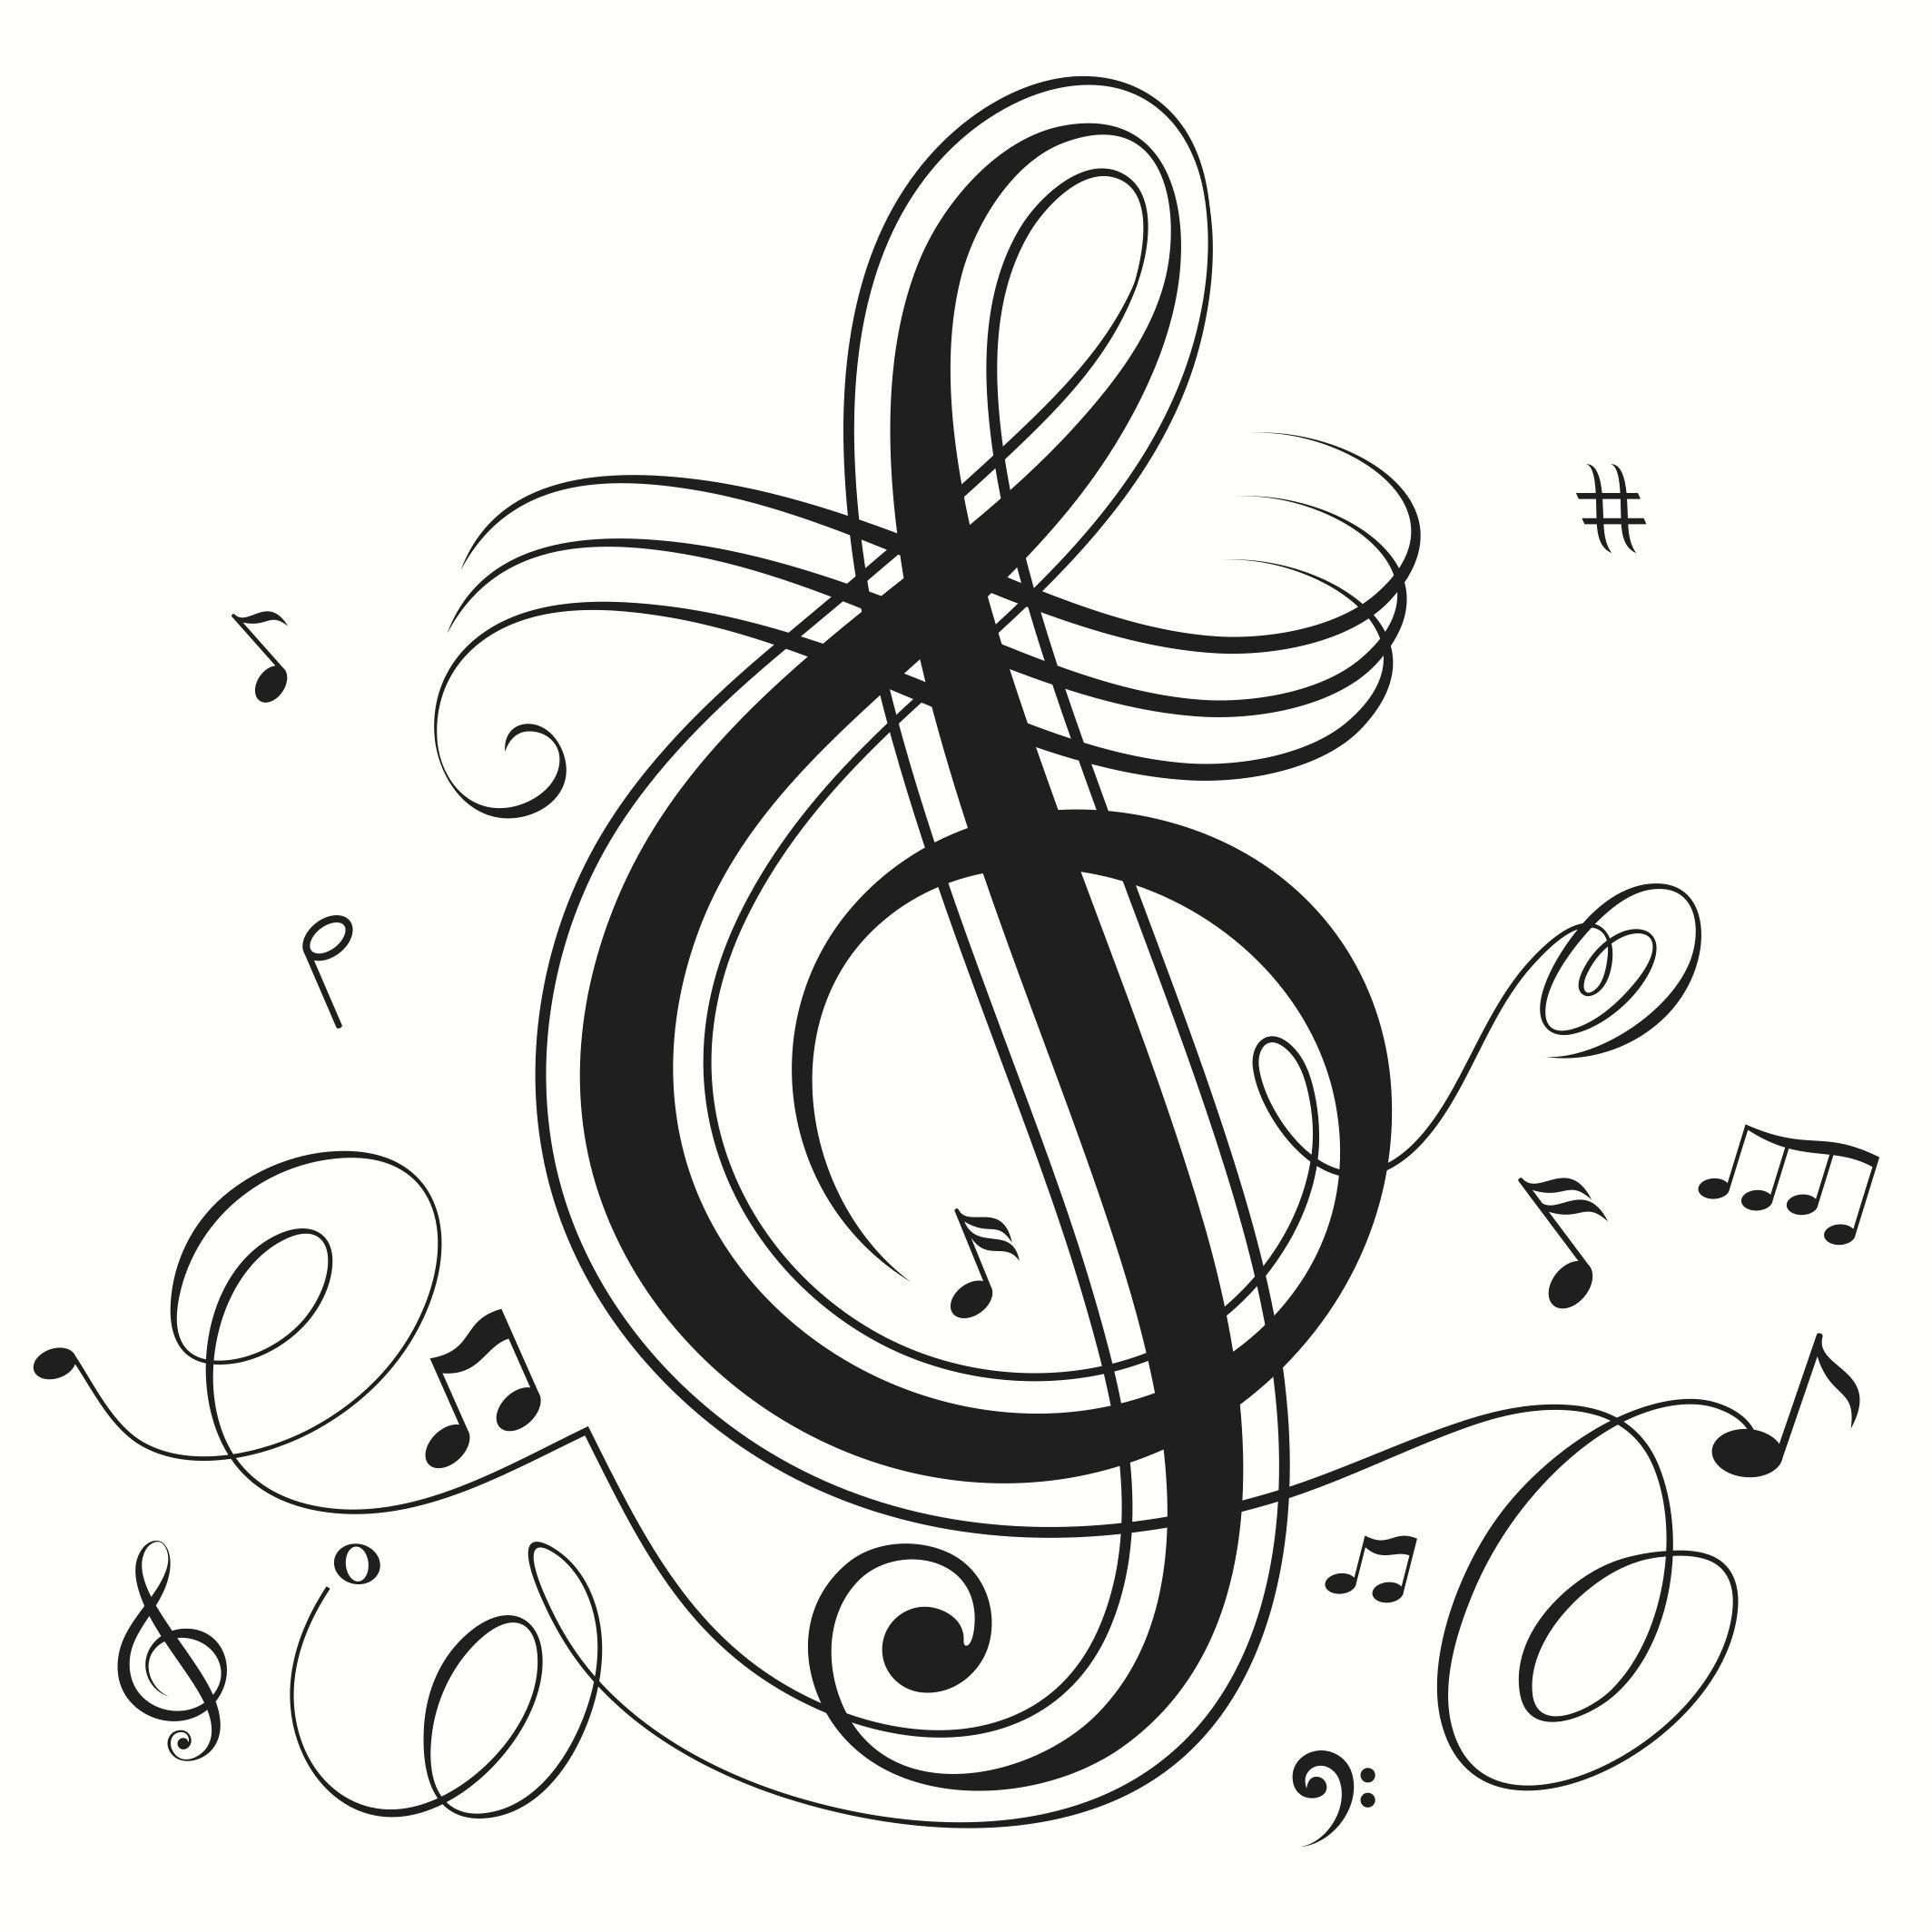 Página não encontrada   Clave de sol, Logotipo de música, Notas musicales